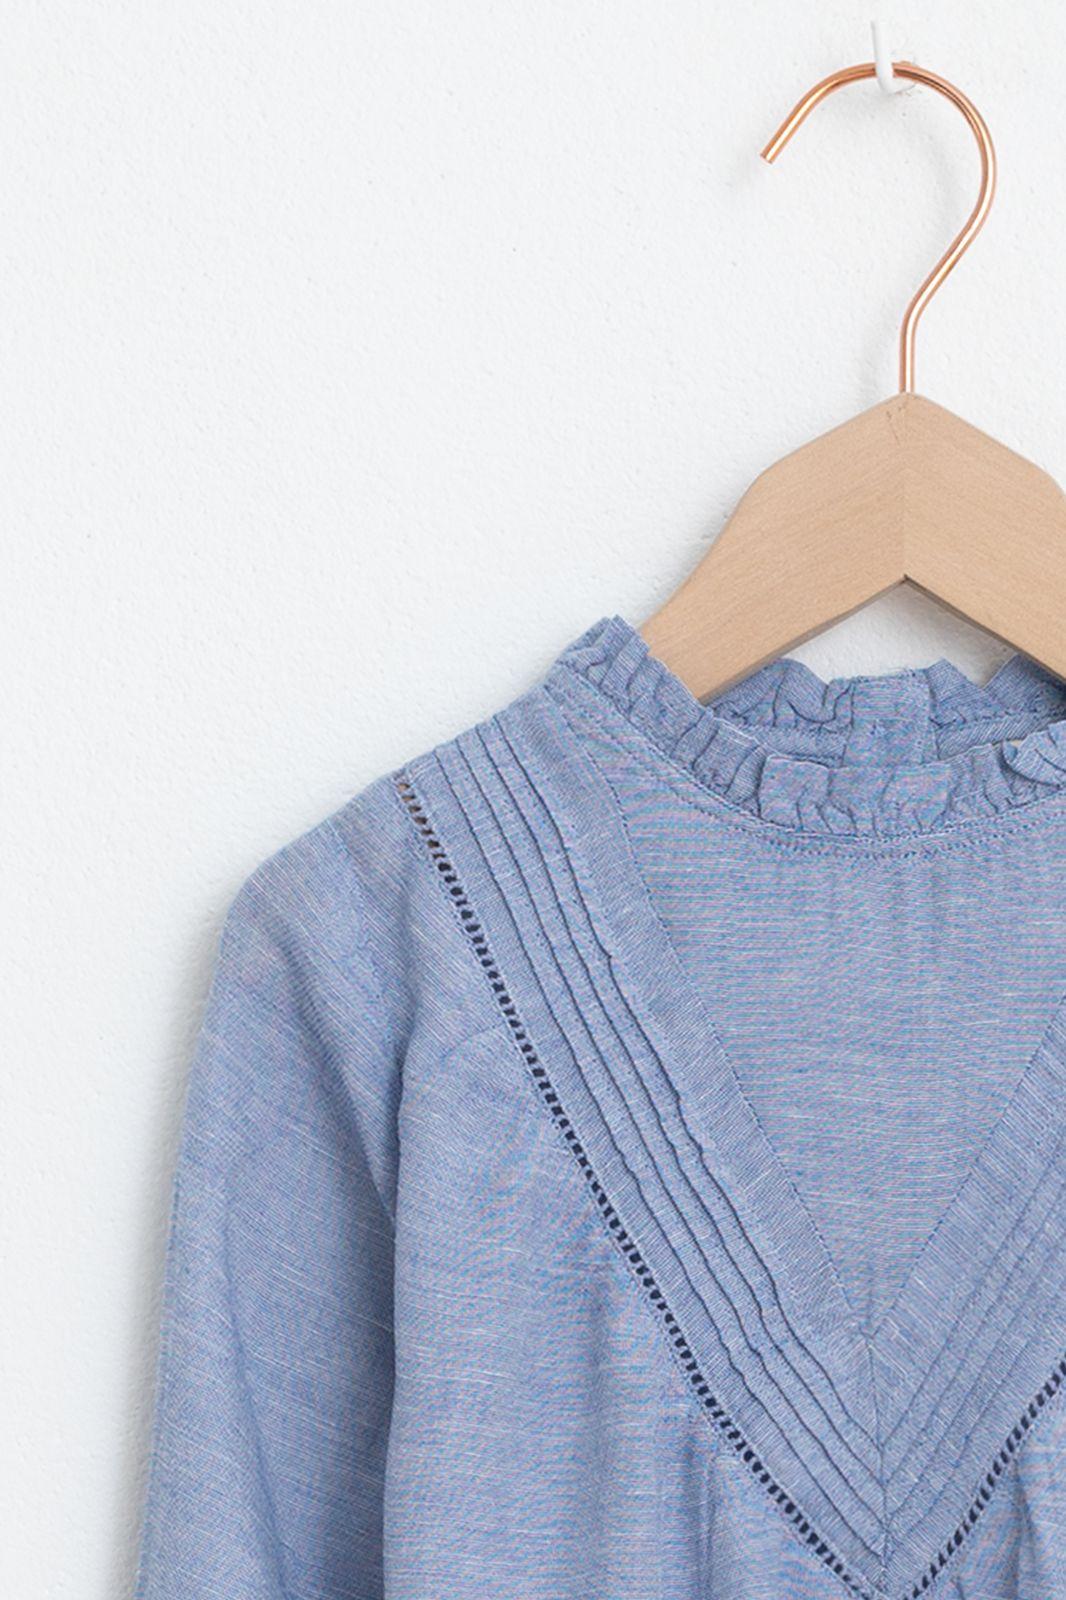 Blauwe blouse met plooien en ruffle details